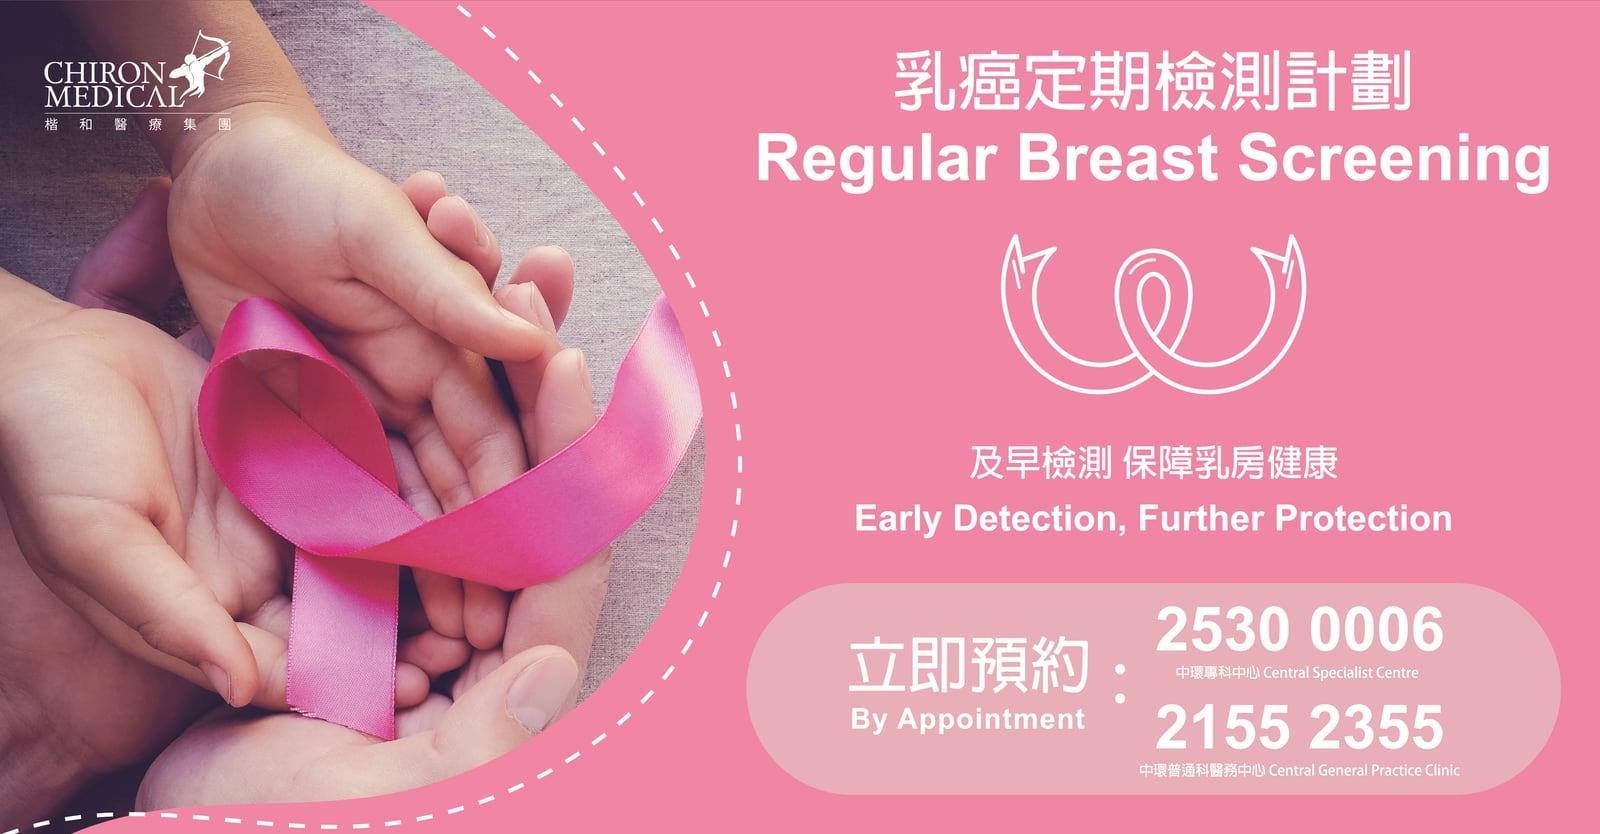 乳癌定期檢測計劃 Regular Breast Screening